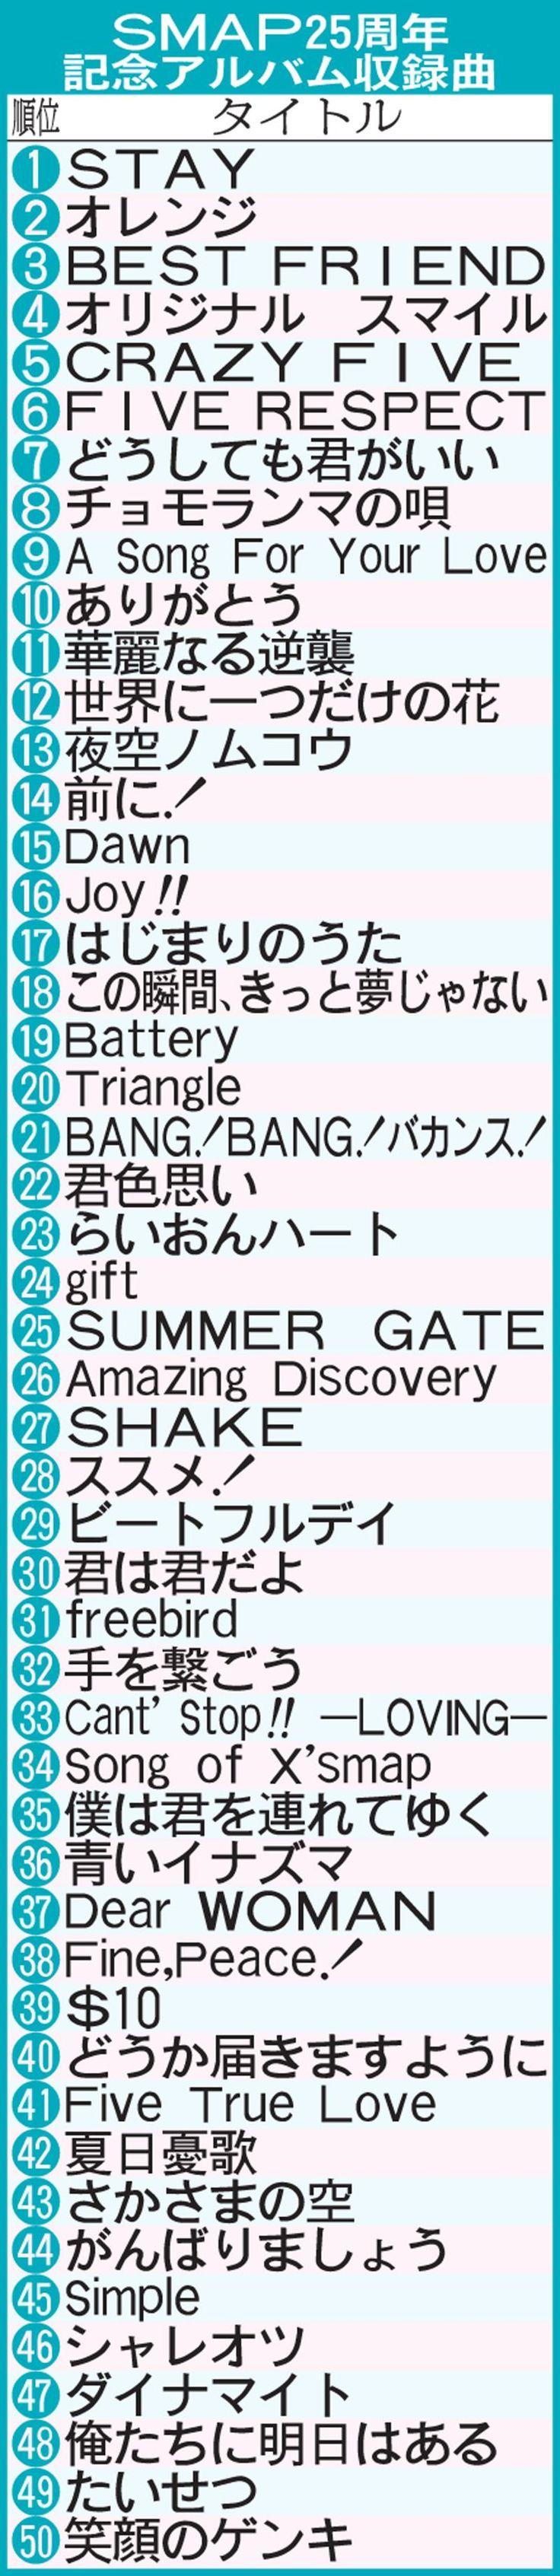 惜別SMAP厳選50曲、ファン1位は「STAY」 #SMAP #稲垣吾郎 #香取慎吾 #草なぎ剛 #中居正広 #木村拓哉